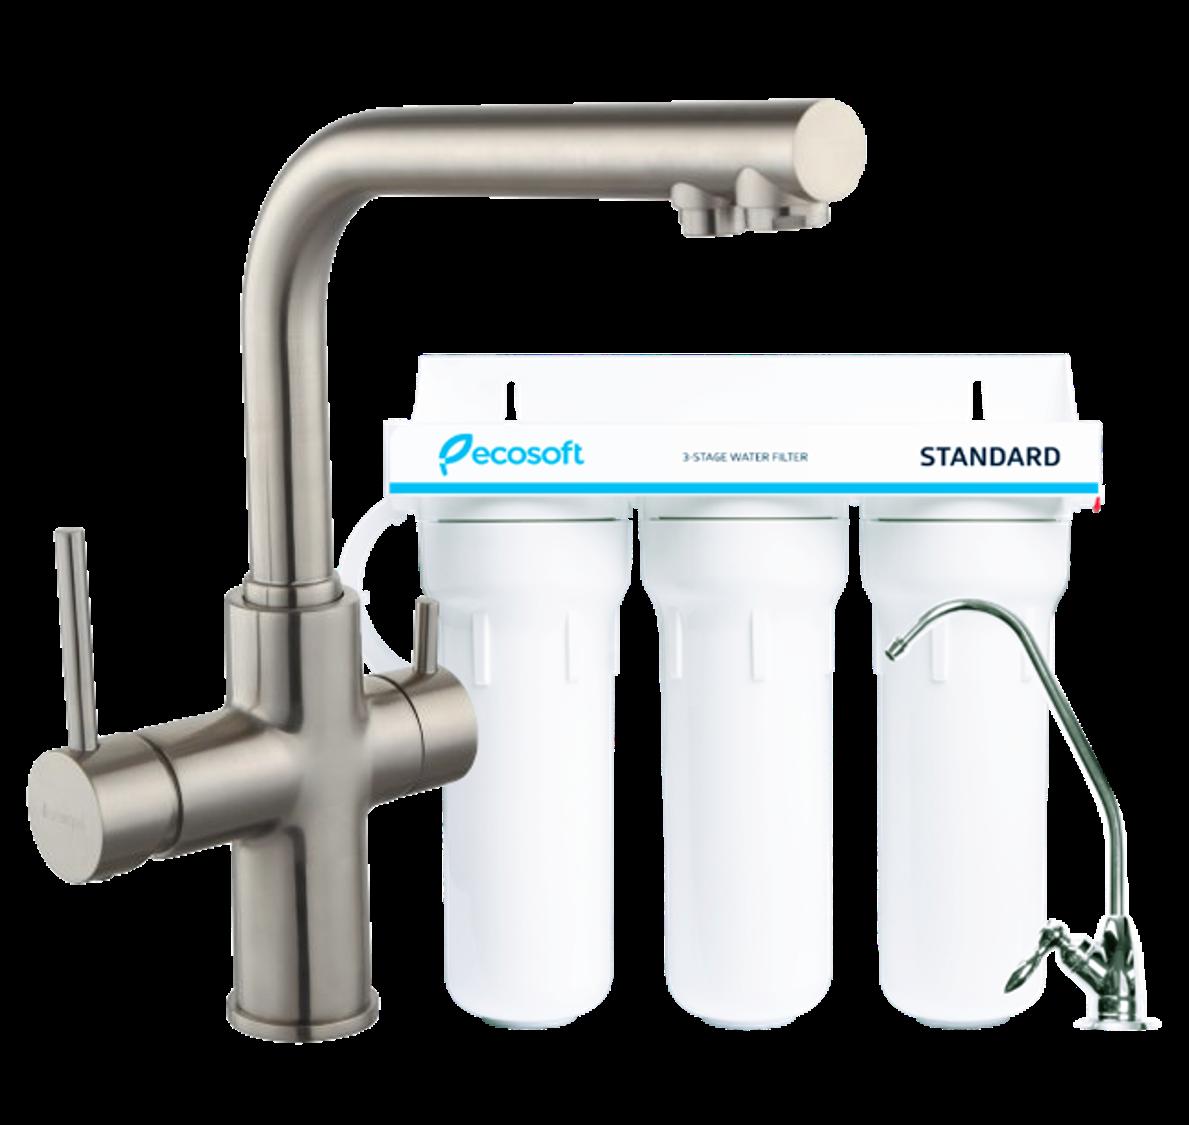 Комплект: DAICY смеситель для кухни сатин + Ecosoft Standart система очистки воды (3х ступенчатая)